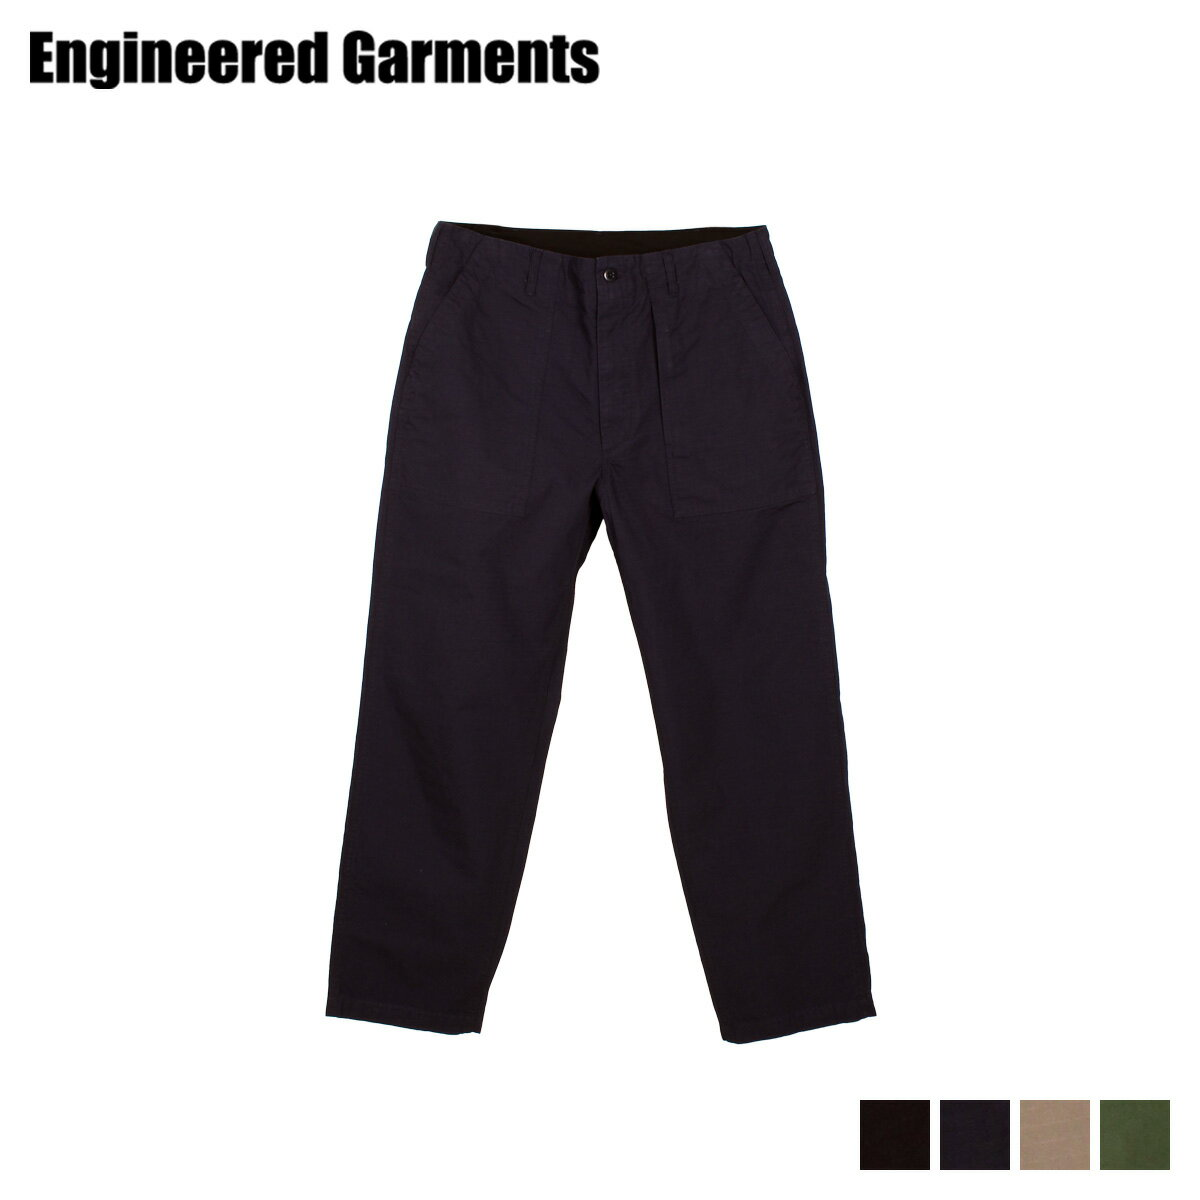 メンズファッション, ズボン・パンツ 1000OFF ENGINEERED GARMENTS FATIGUE PANT 21S1F004-01